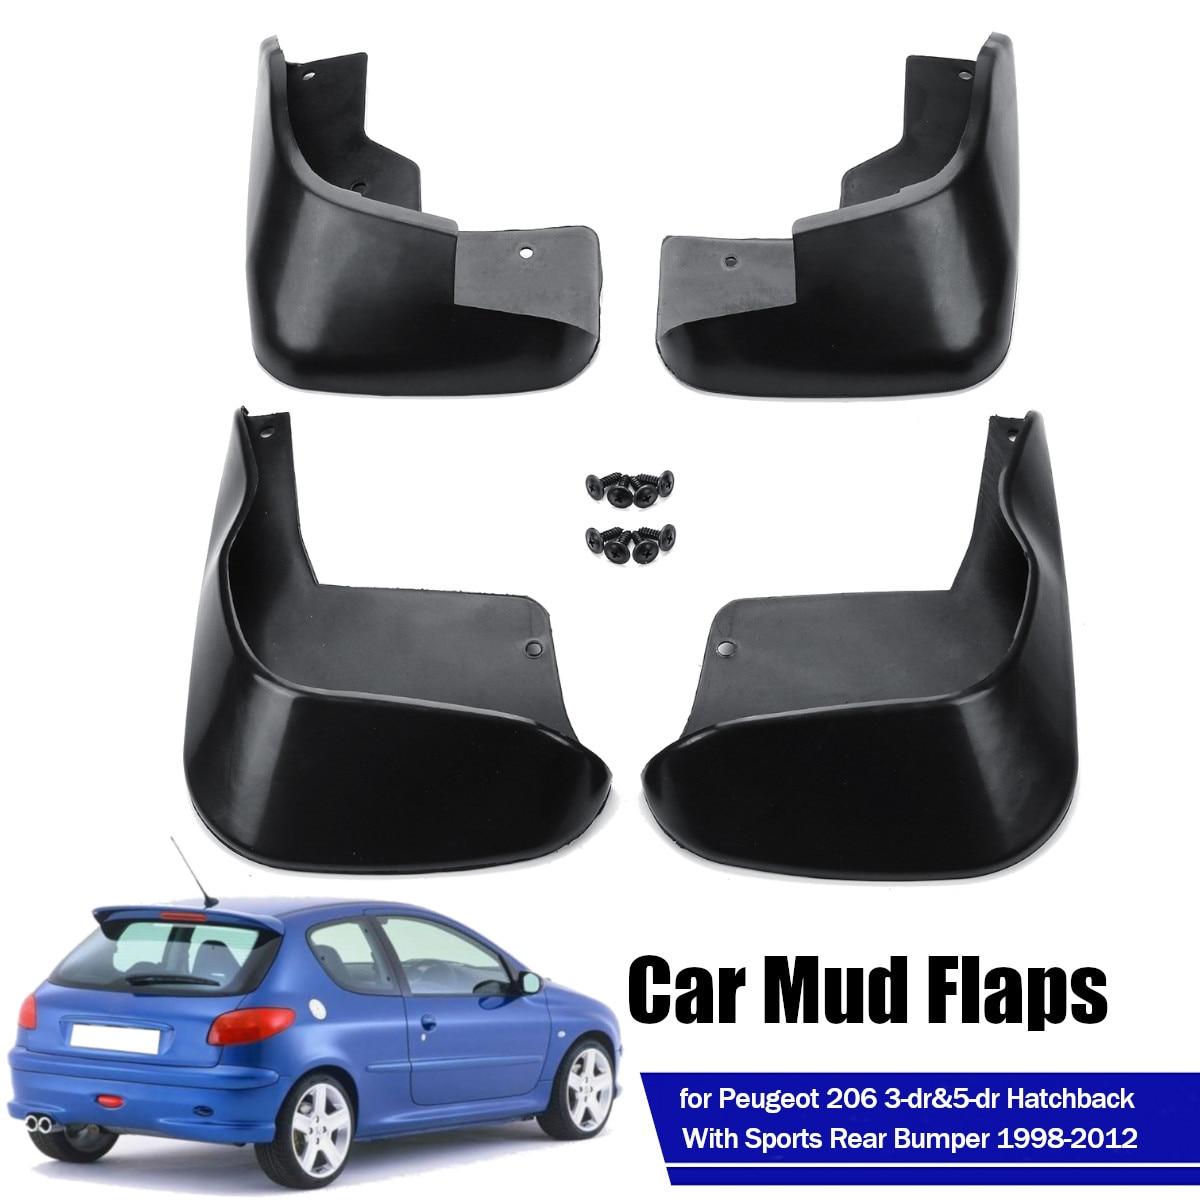 4 Uds guardabarros delantero trasero guardabarros de barro de salpicaduras de guardabarros para Peugeot 206, 1998-2012